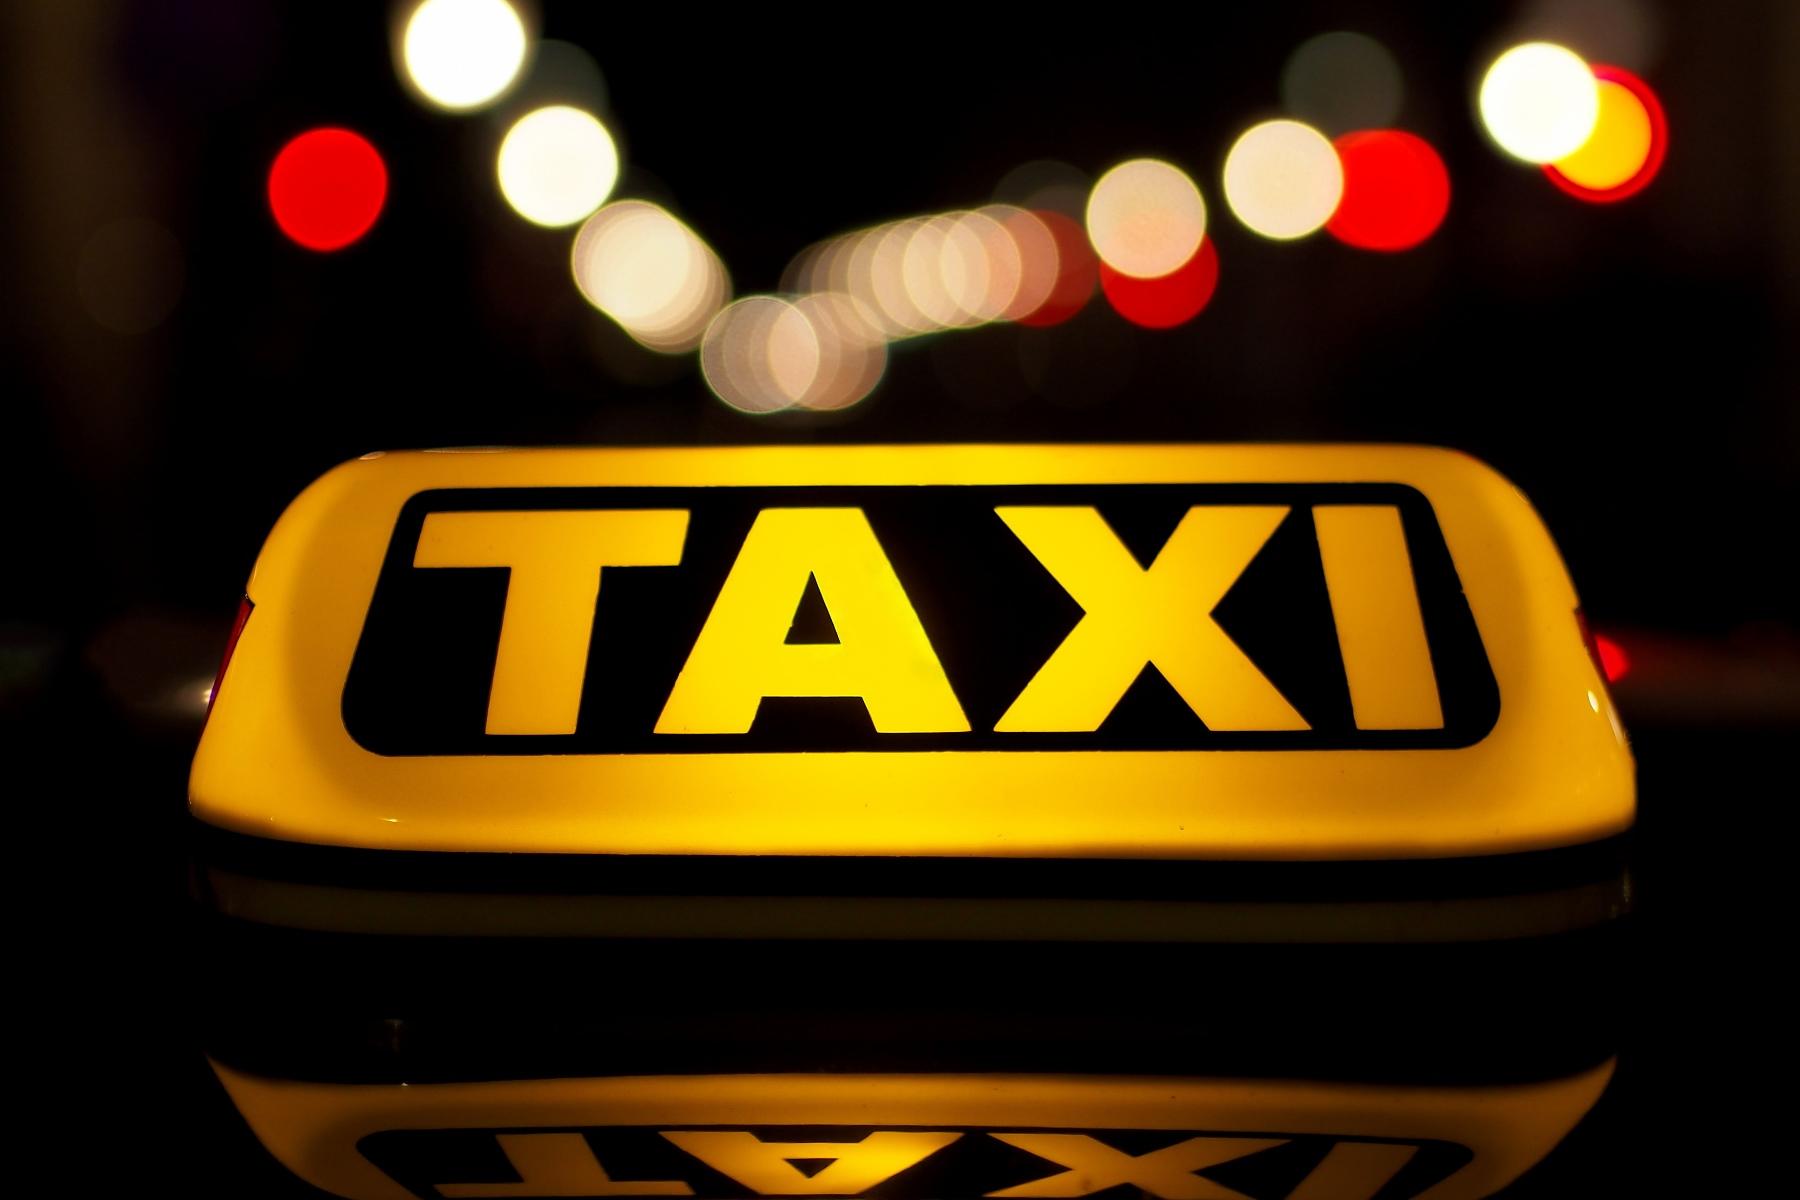 Beschlussantrag | Zufahrtsrecht für Taxis am Busbahnhof in Bozen | Angenommen✅